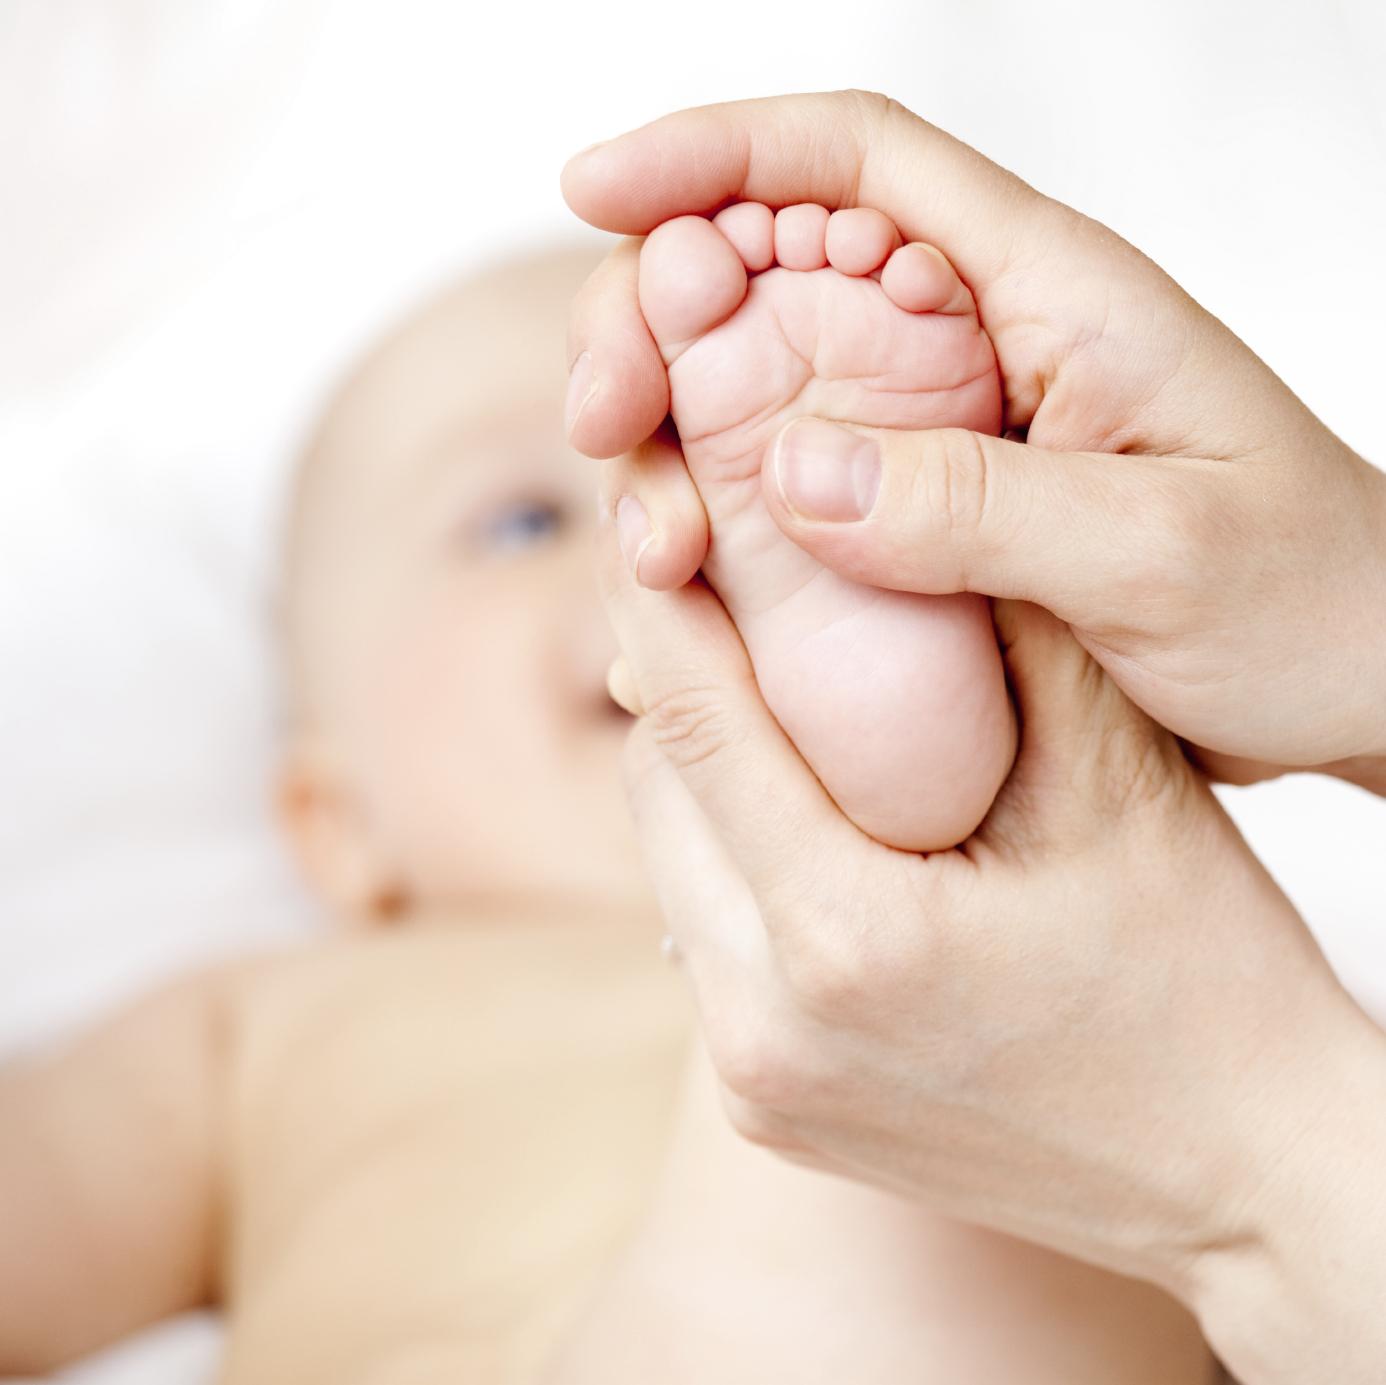 Bébé n'aime pas le massage